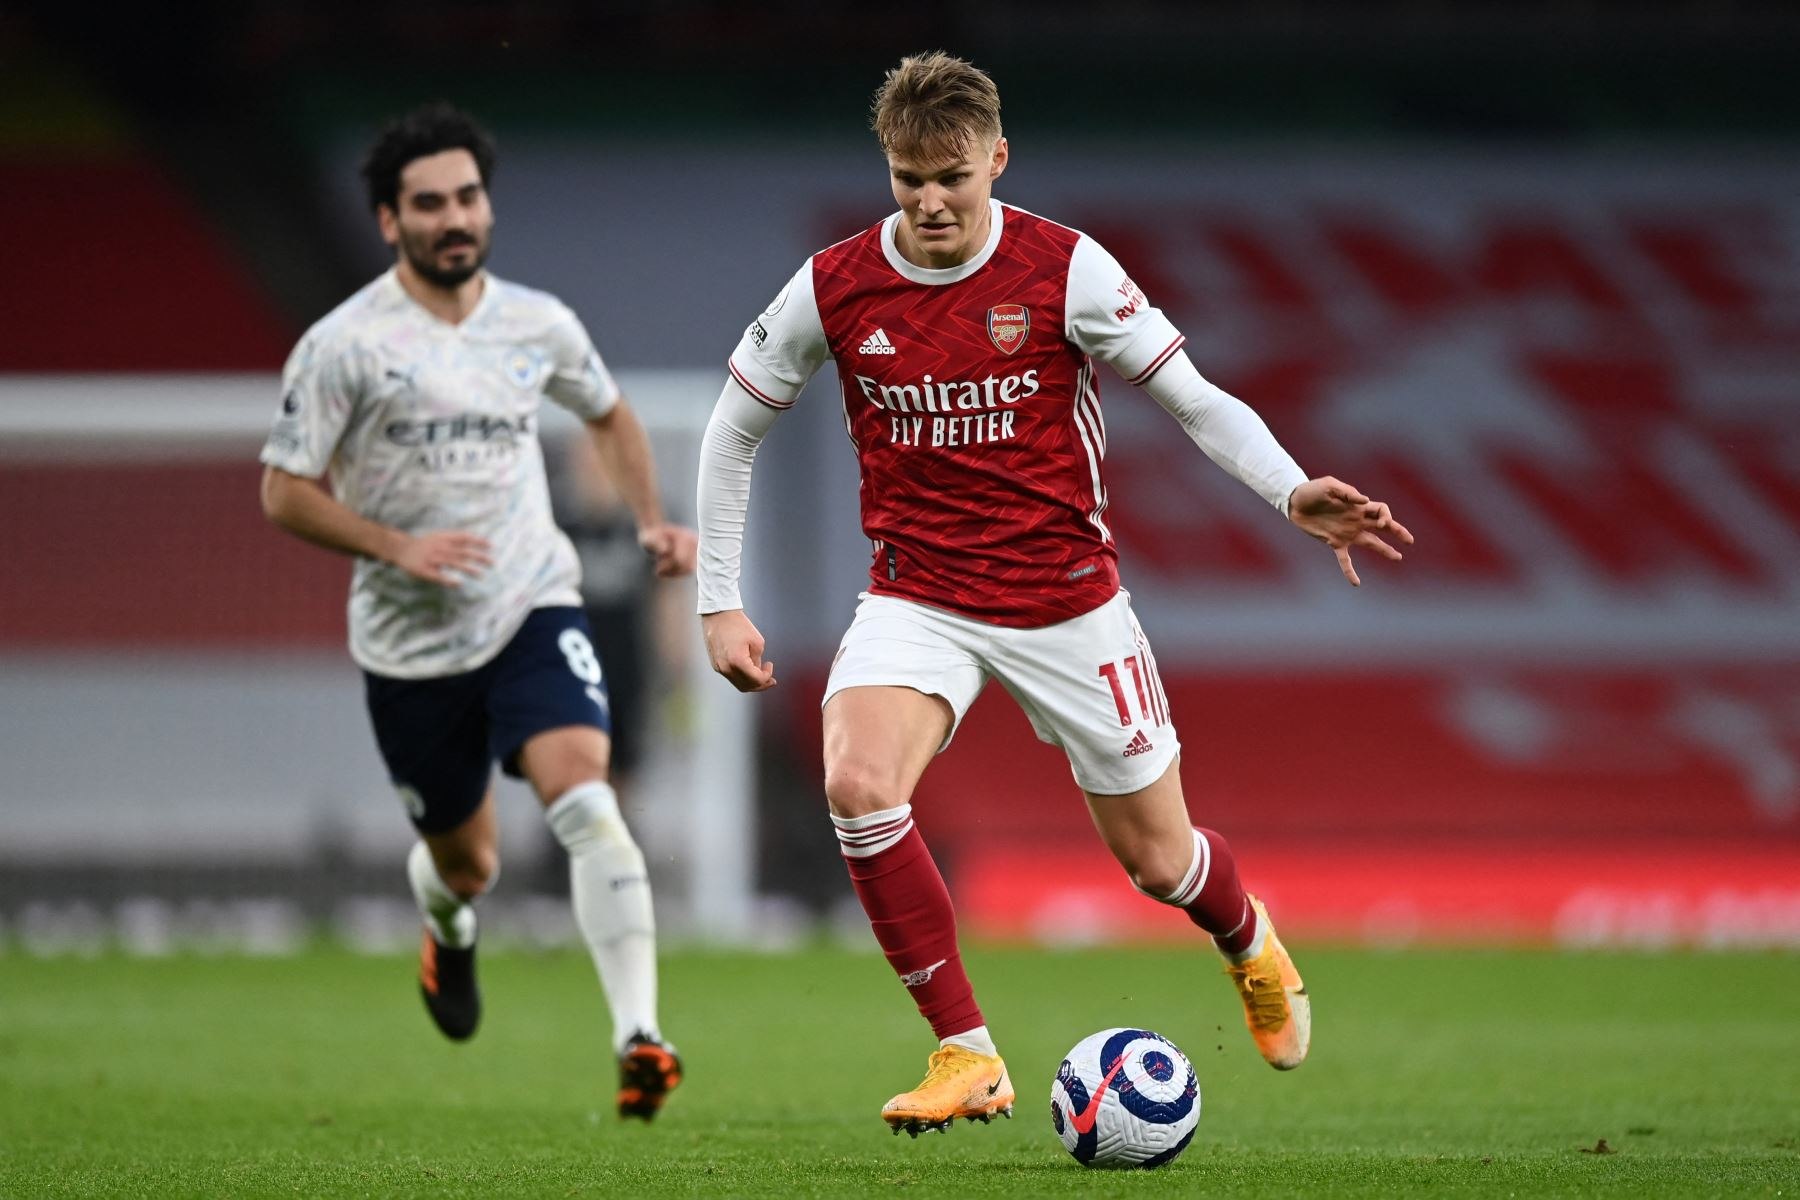 El centrocampista noruego del Arsenal, Martin Odegaard, corre con el balón durante el partido de fútbol de la Premier League inglesa entre el Arsenal y el Manchester City. Foto. AFP